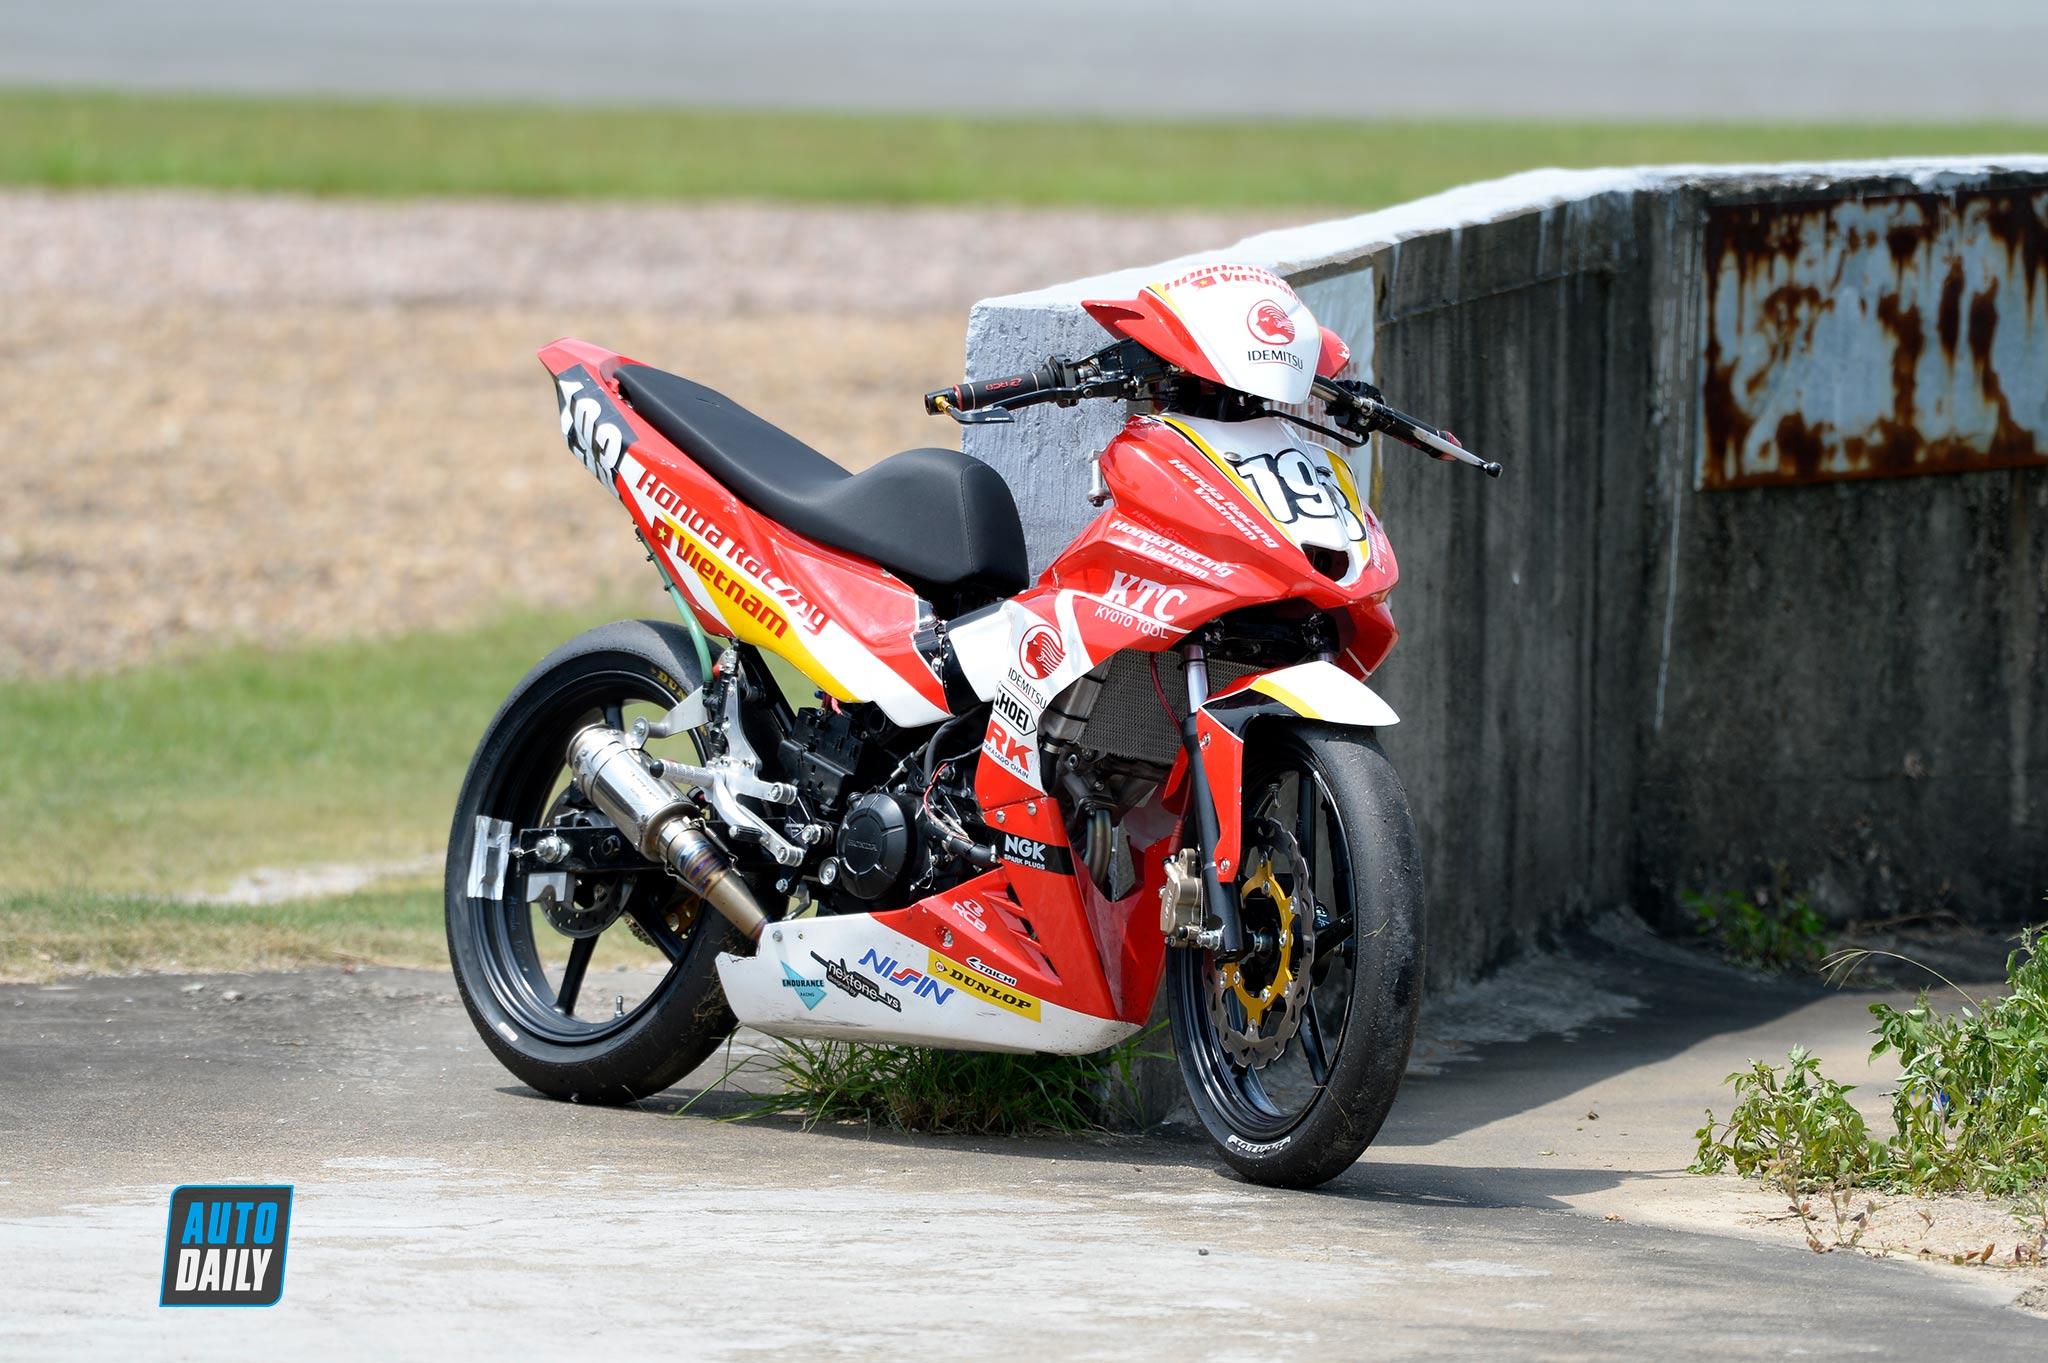 arrc-2019-race2-autodaily-06.jpg